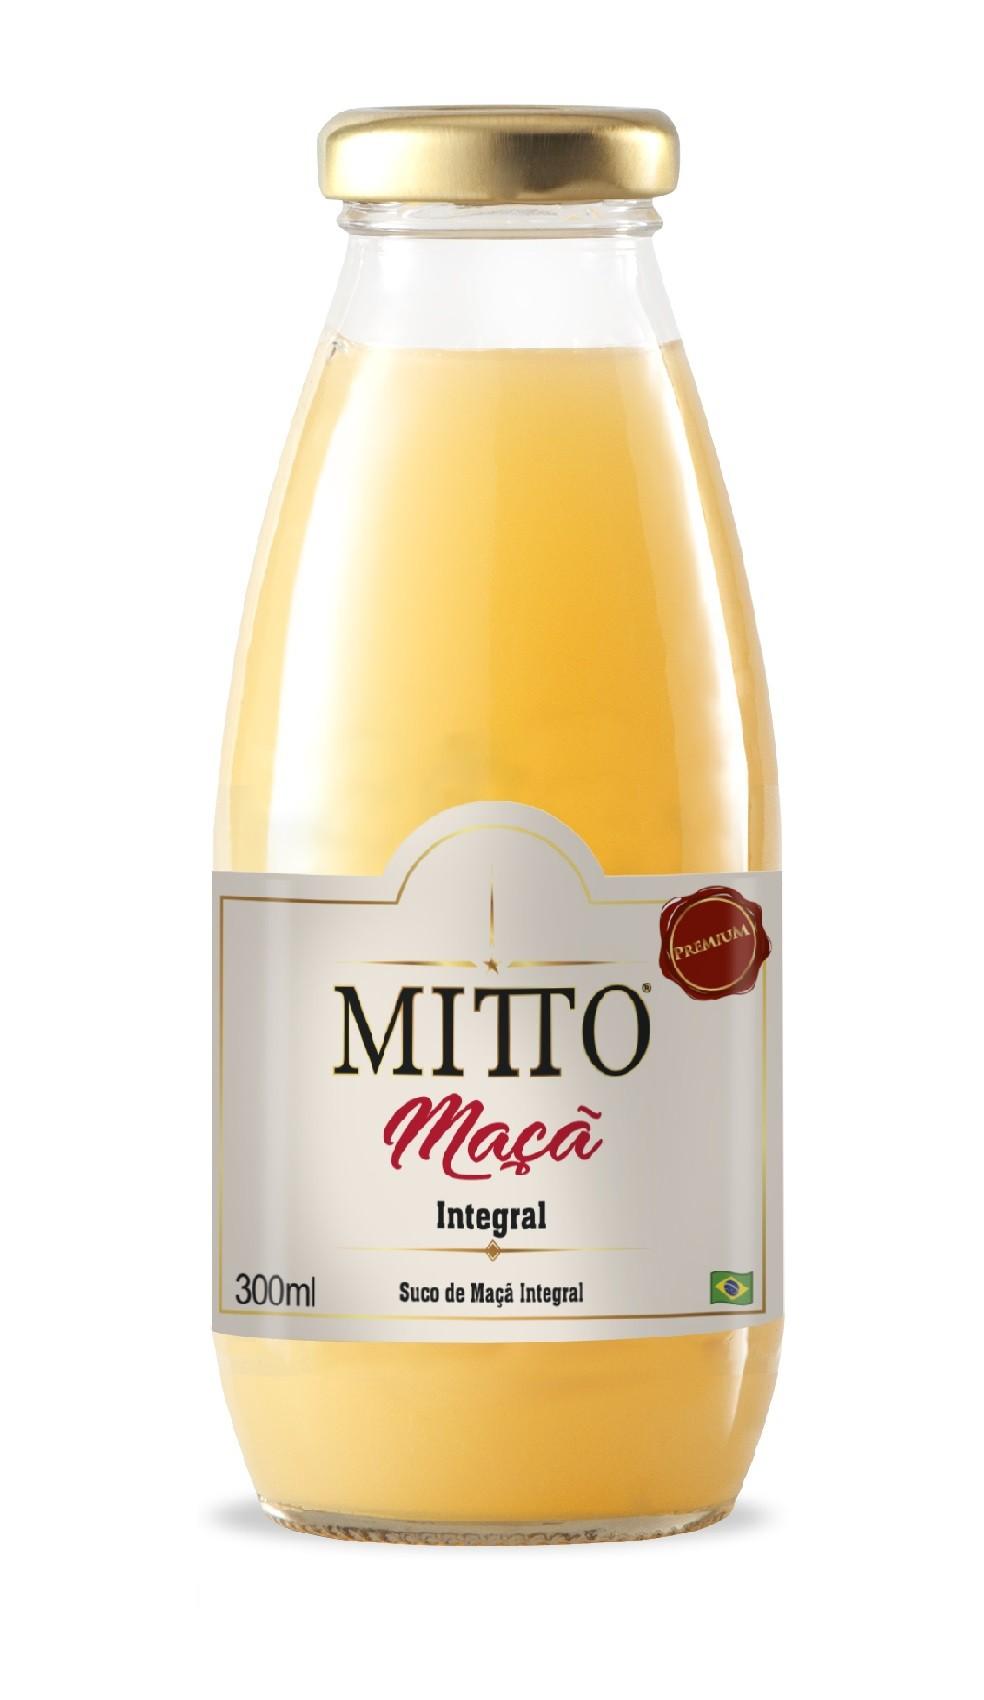 SUCO MITTO MAÇÃ INTEGRAL VIDRO 300ML C/12